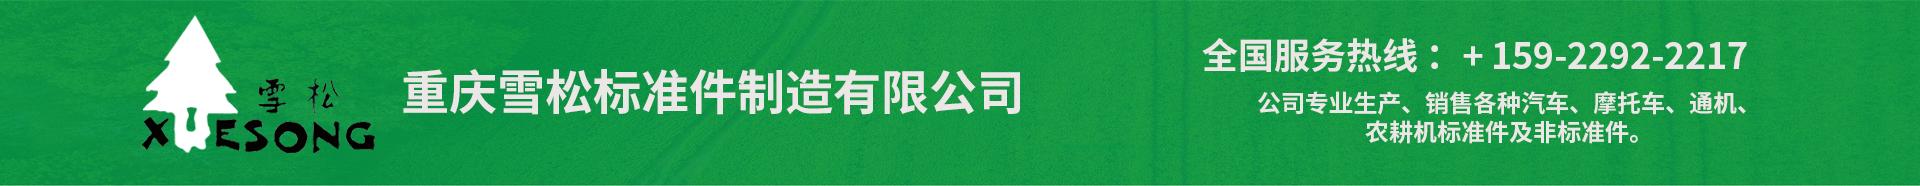 重庆雪松标准件制造有限公司